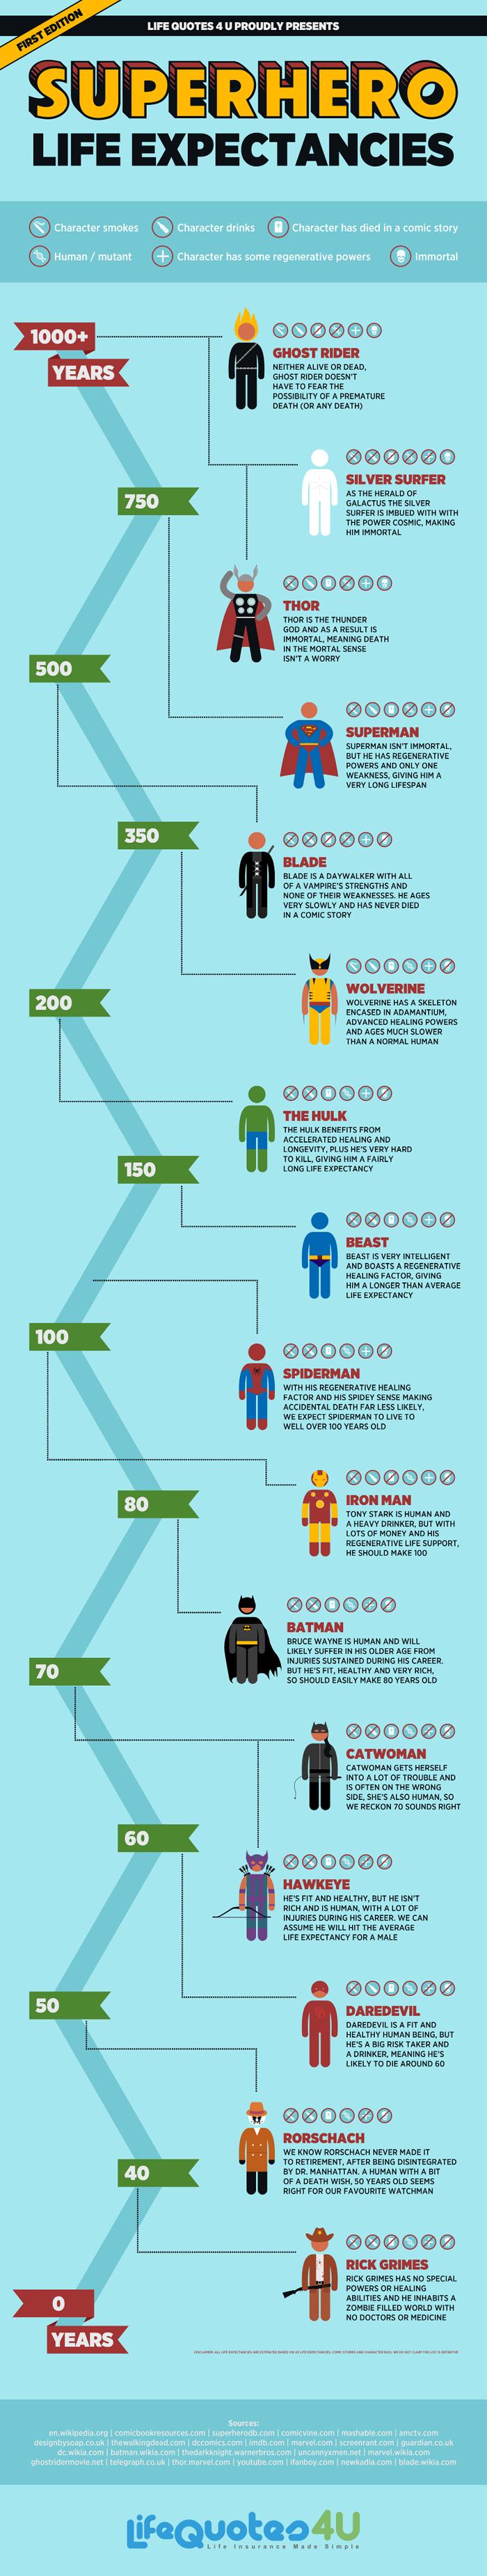 Superhero-Life-Expectancies